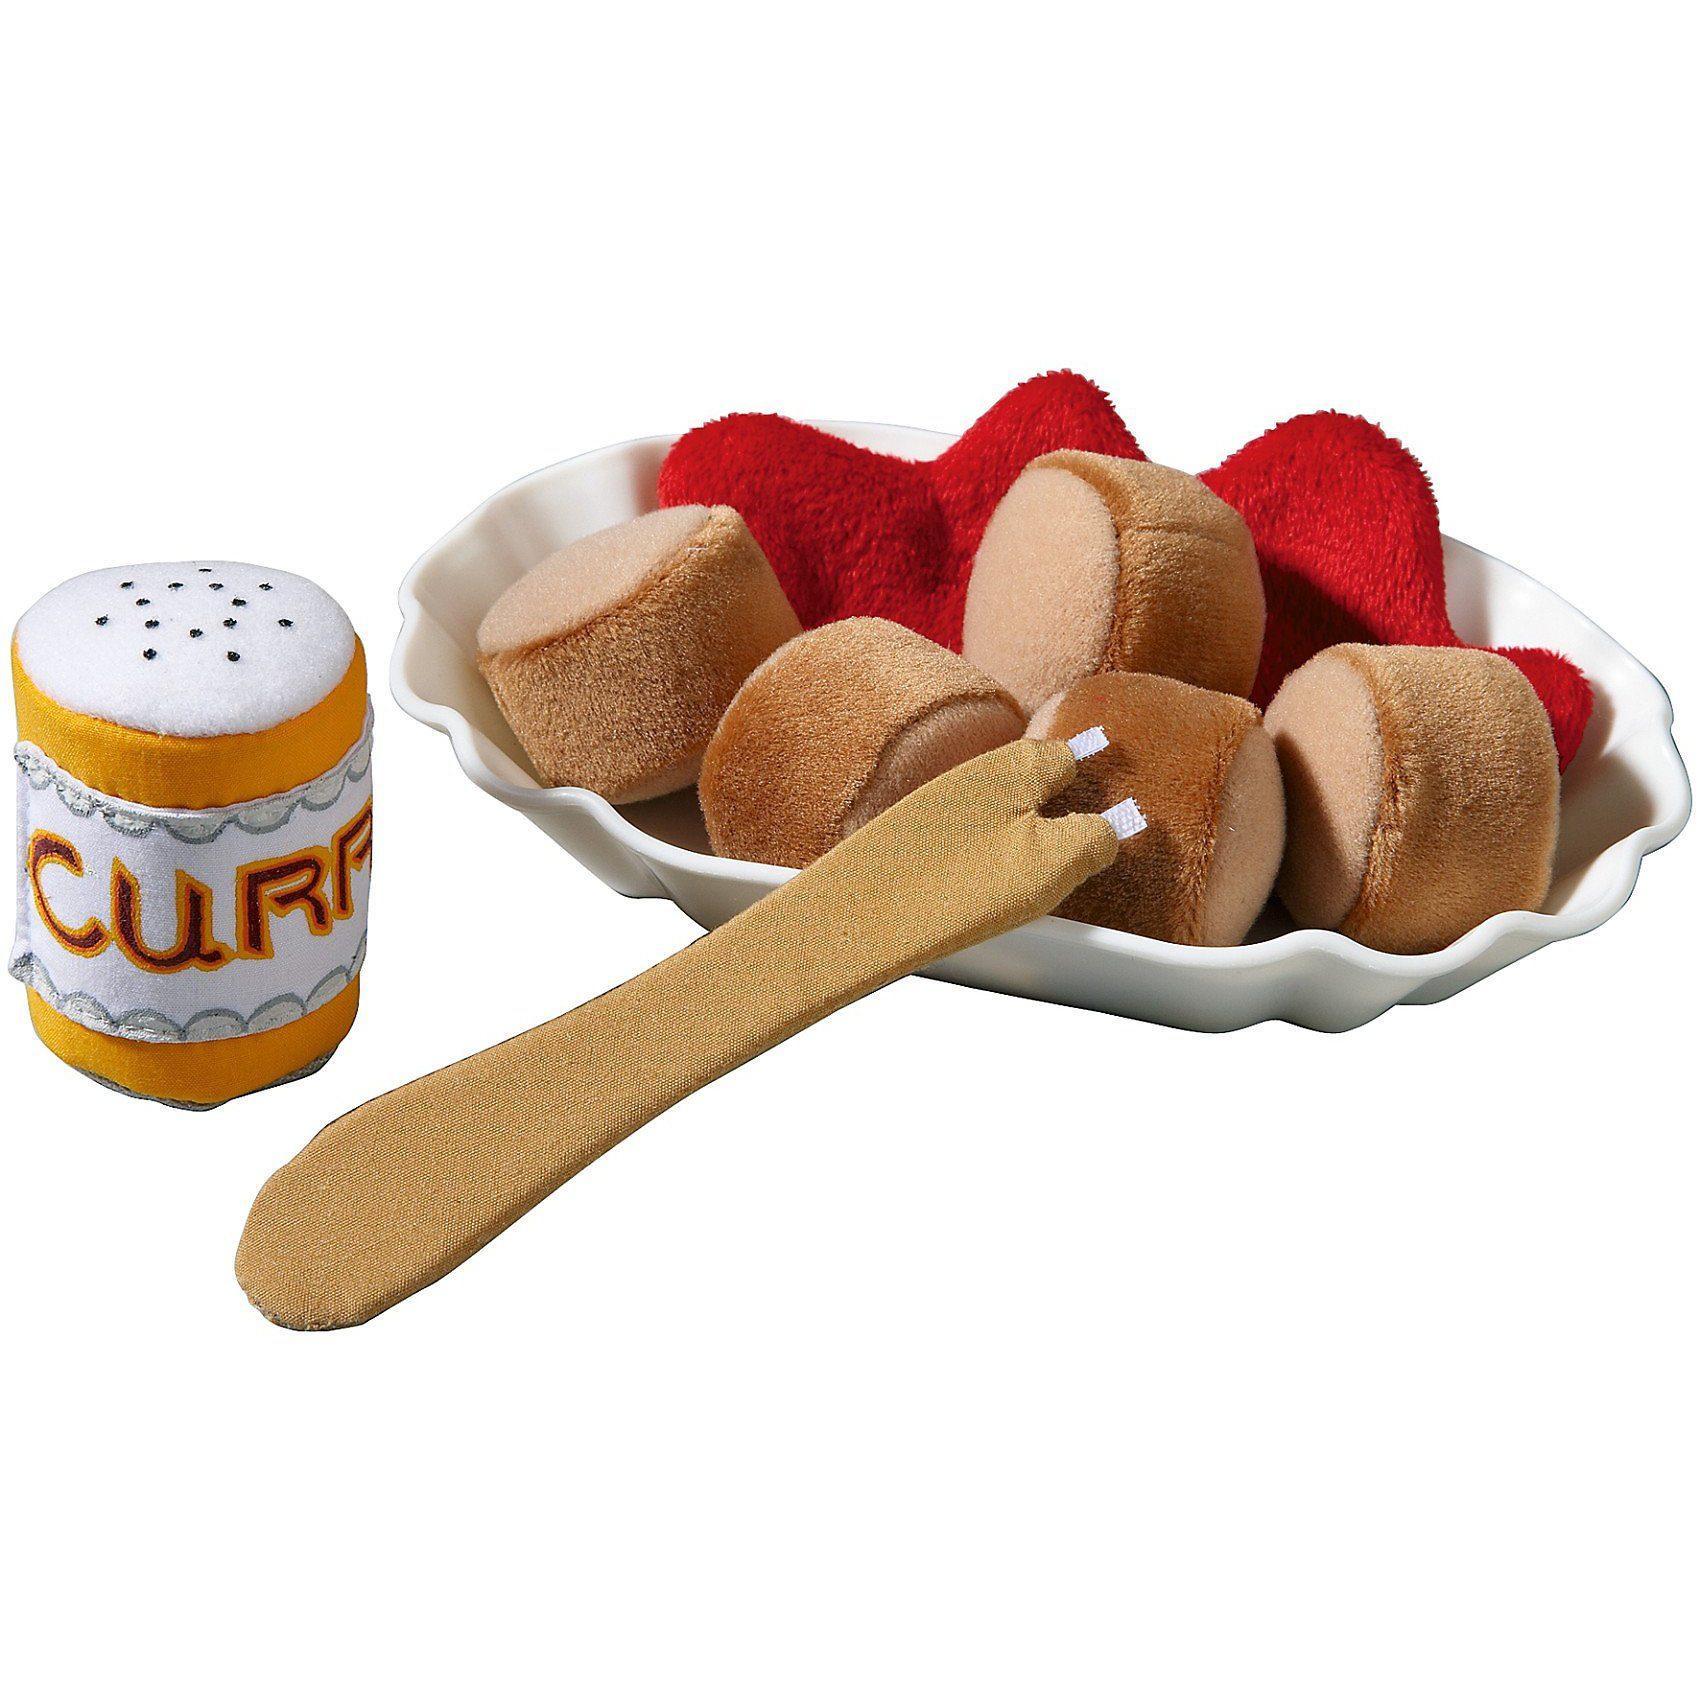 Haba 301028 Currywurst Spiellebensmittel